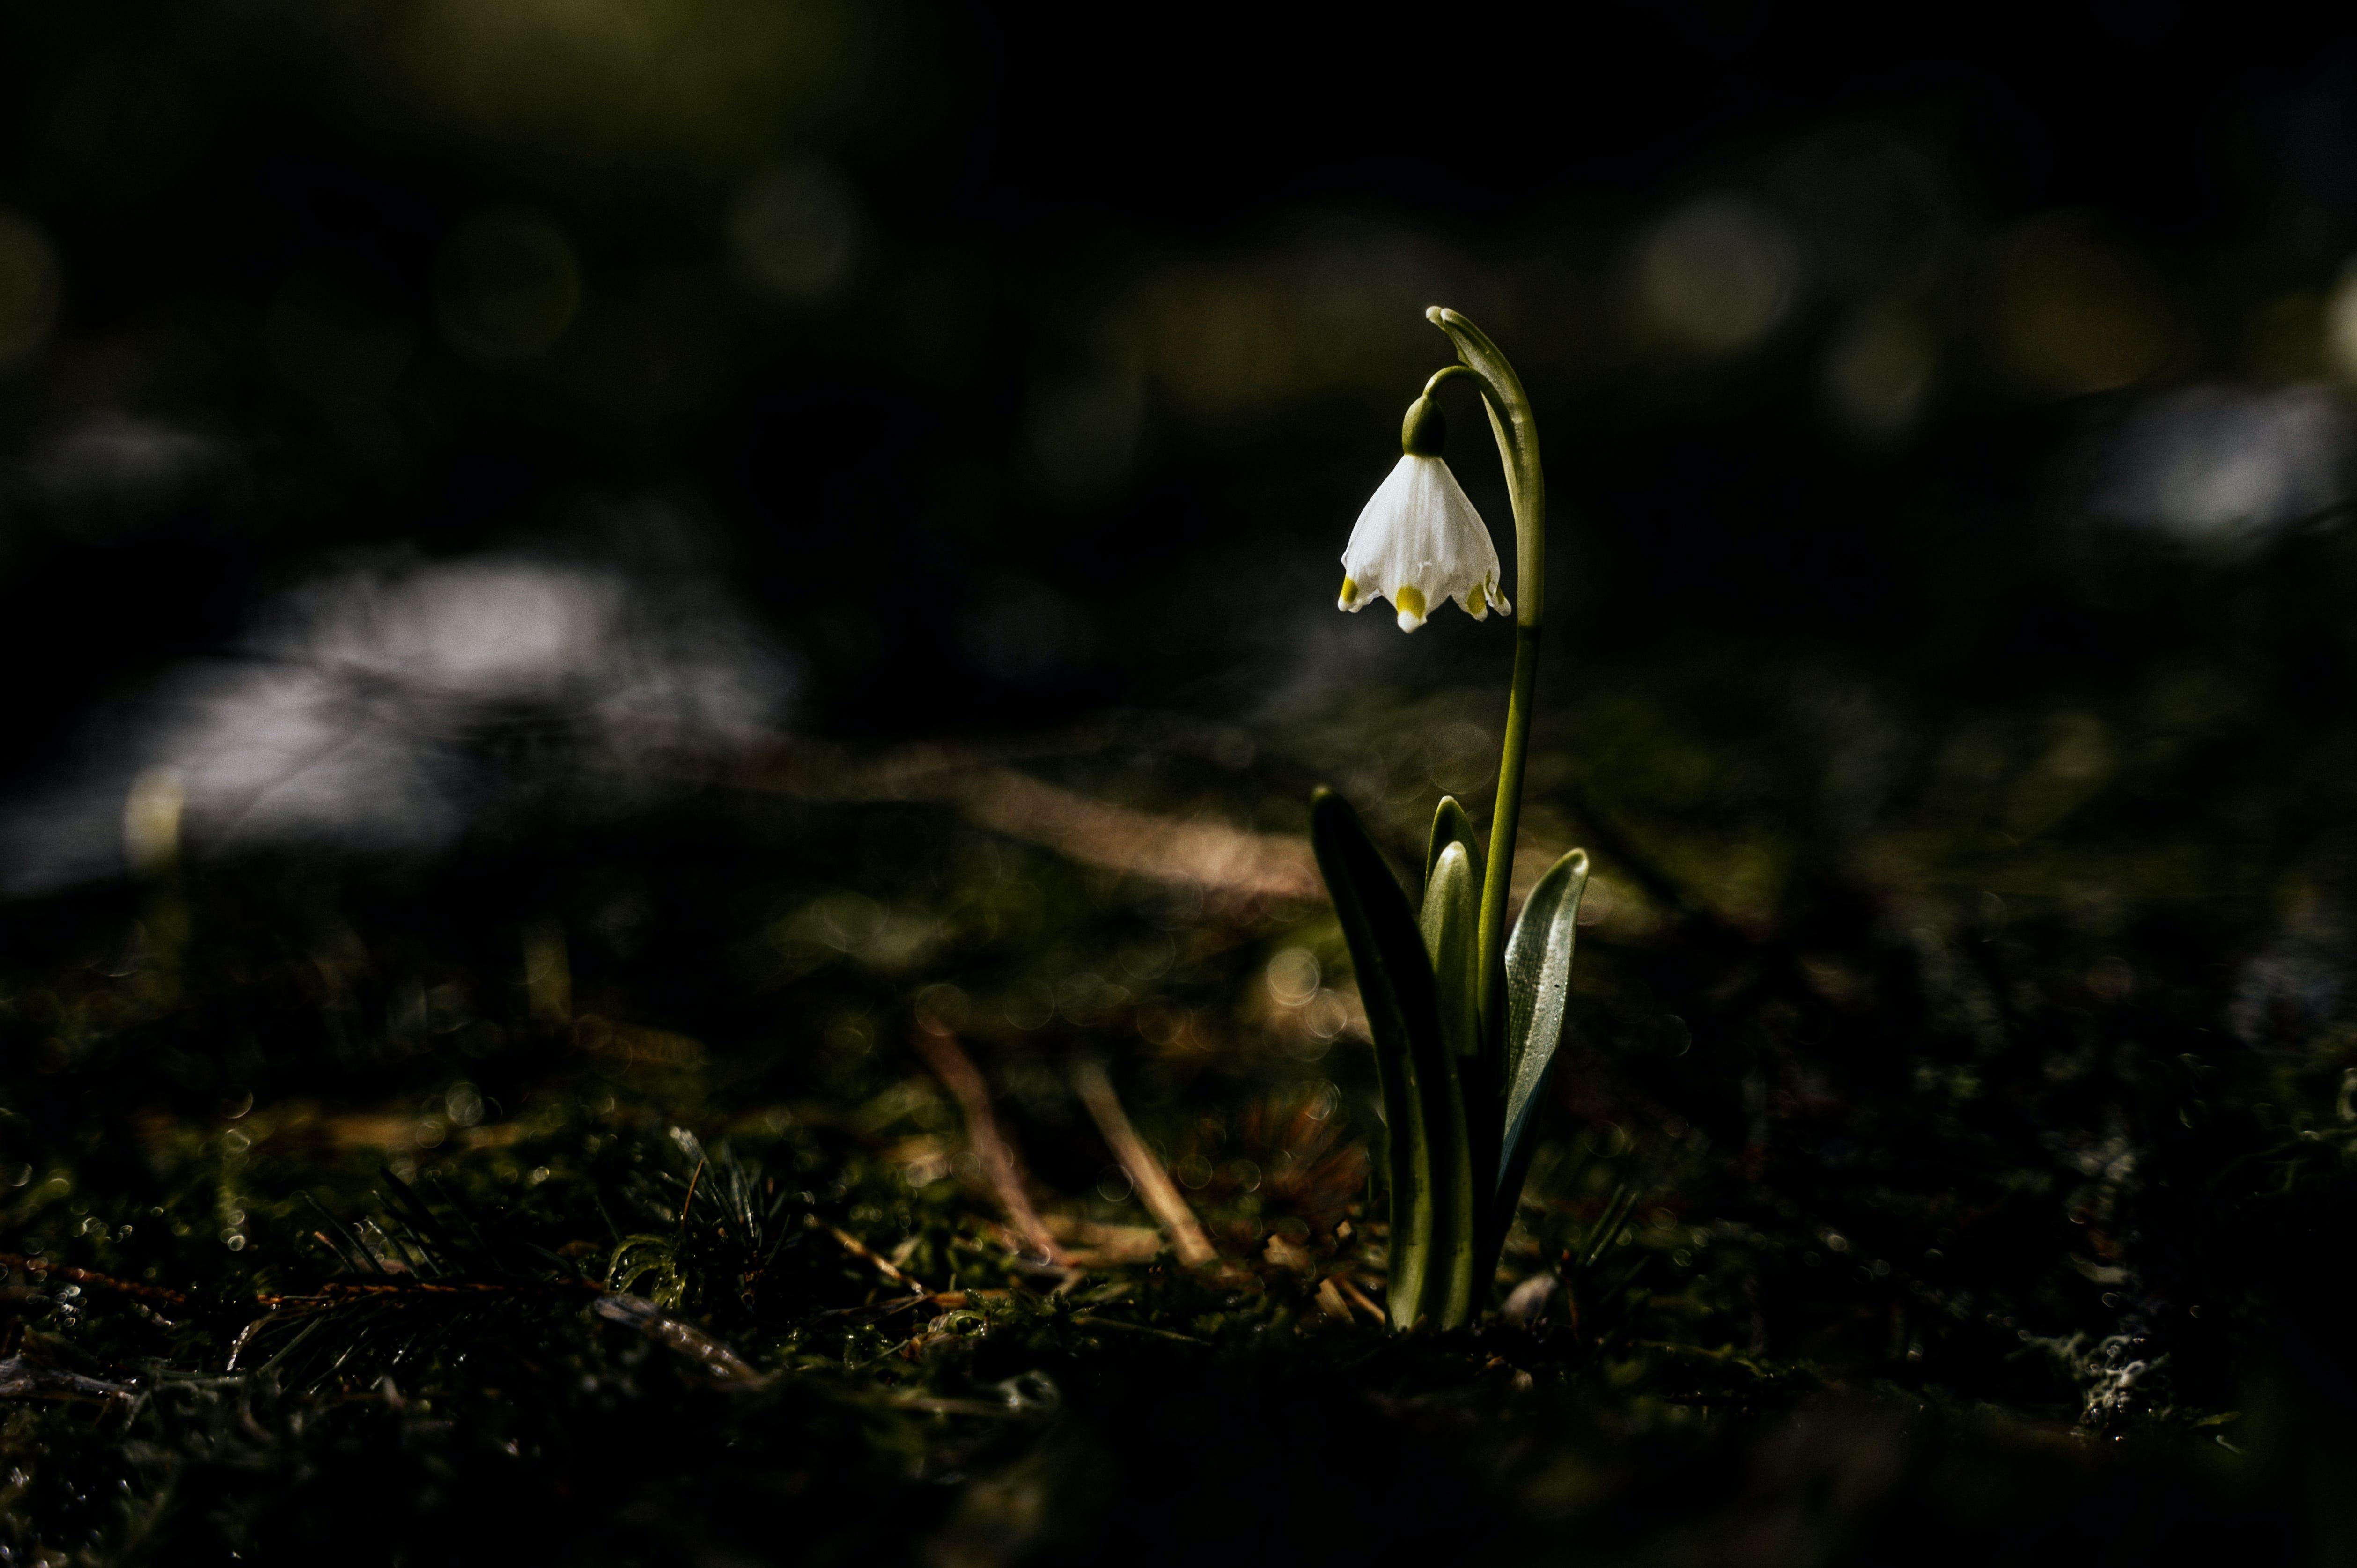 Ingyenes stockfotó 4k-háttérkép, fehér virág, fókusz, gyár témában